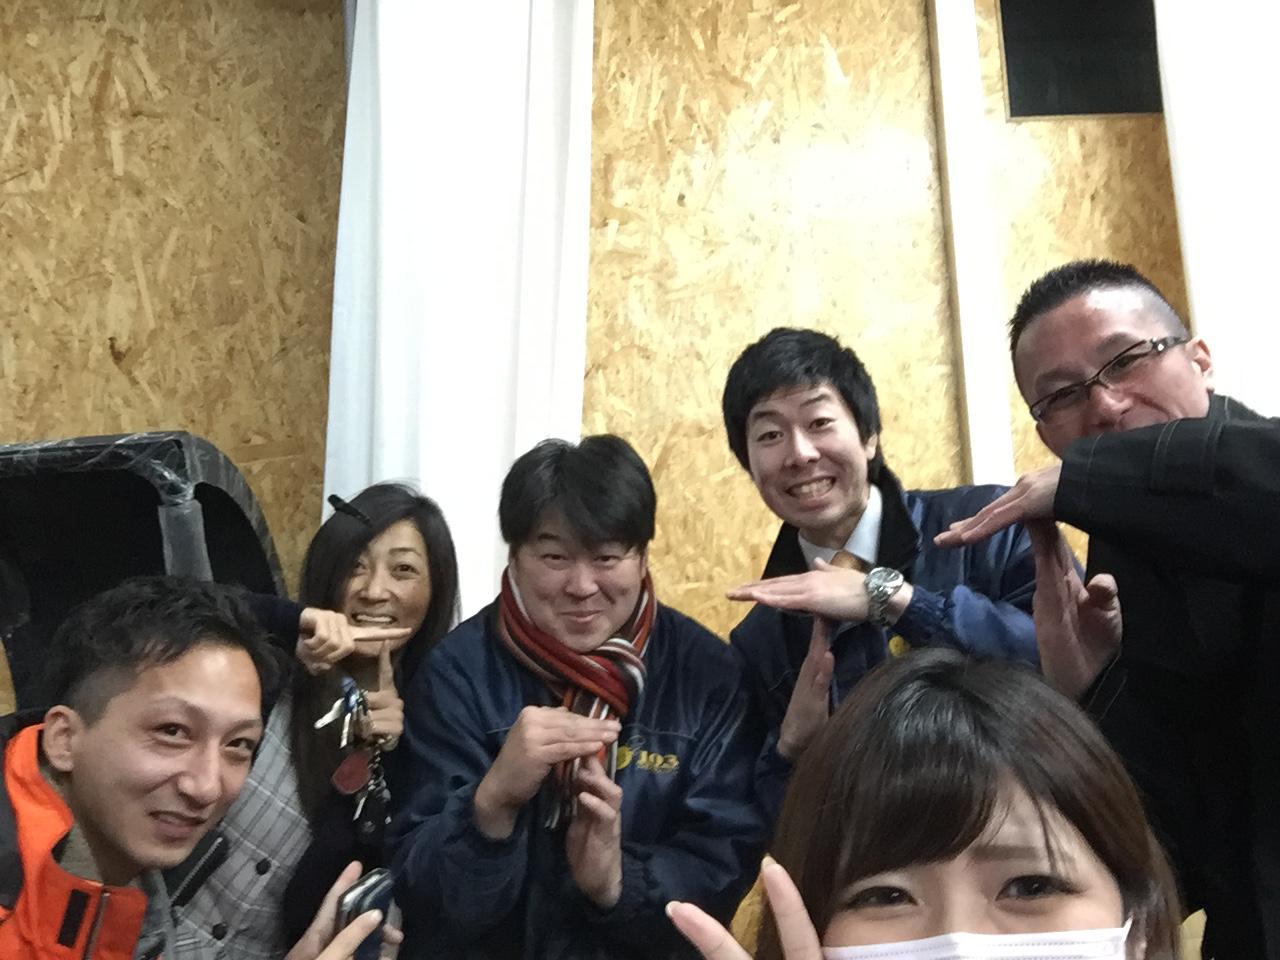 11月30日水曜日のひとログ(。・ω・。) 植東さん卒業!!!今までありがとうございました!_b0127002_17255629.jpg